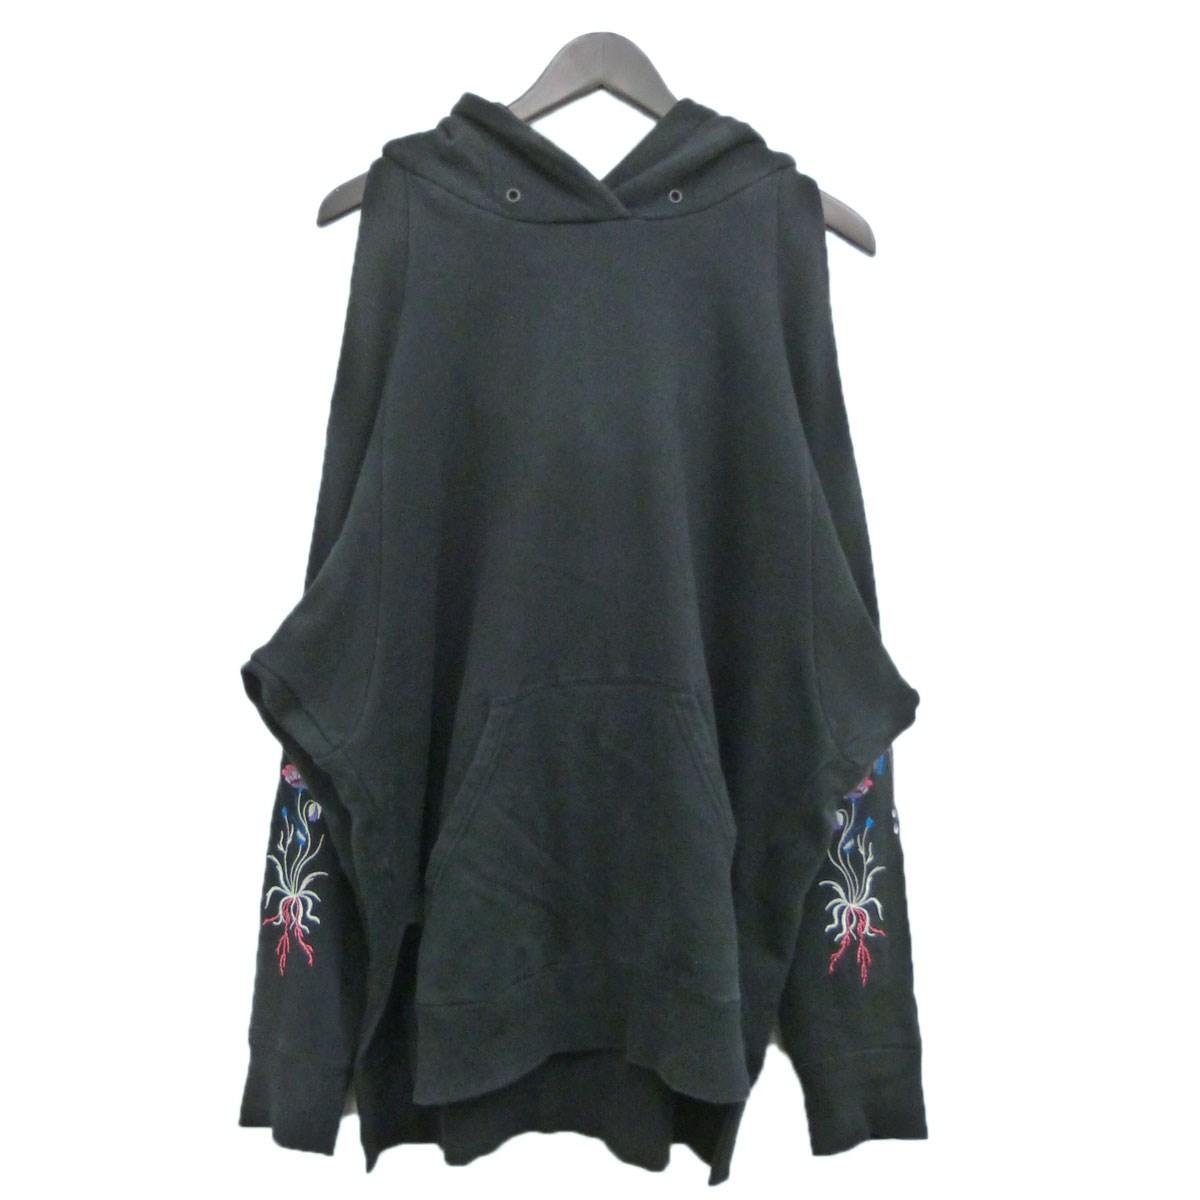 【中古】mame 17SS袖刺繍オープンショルダーパーカー ブラック サイズ:1 【231119】(マメ)